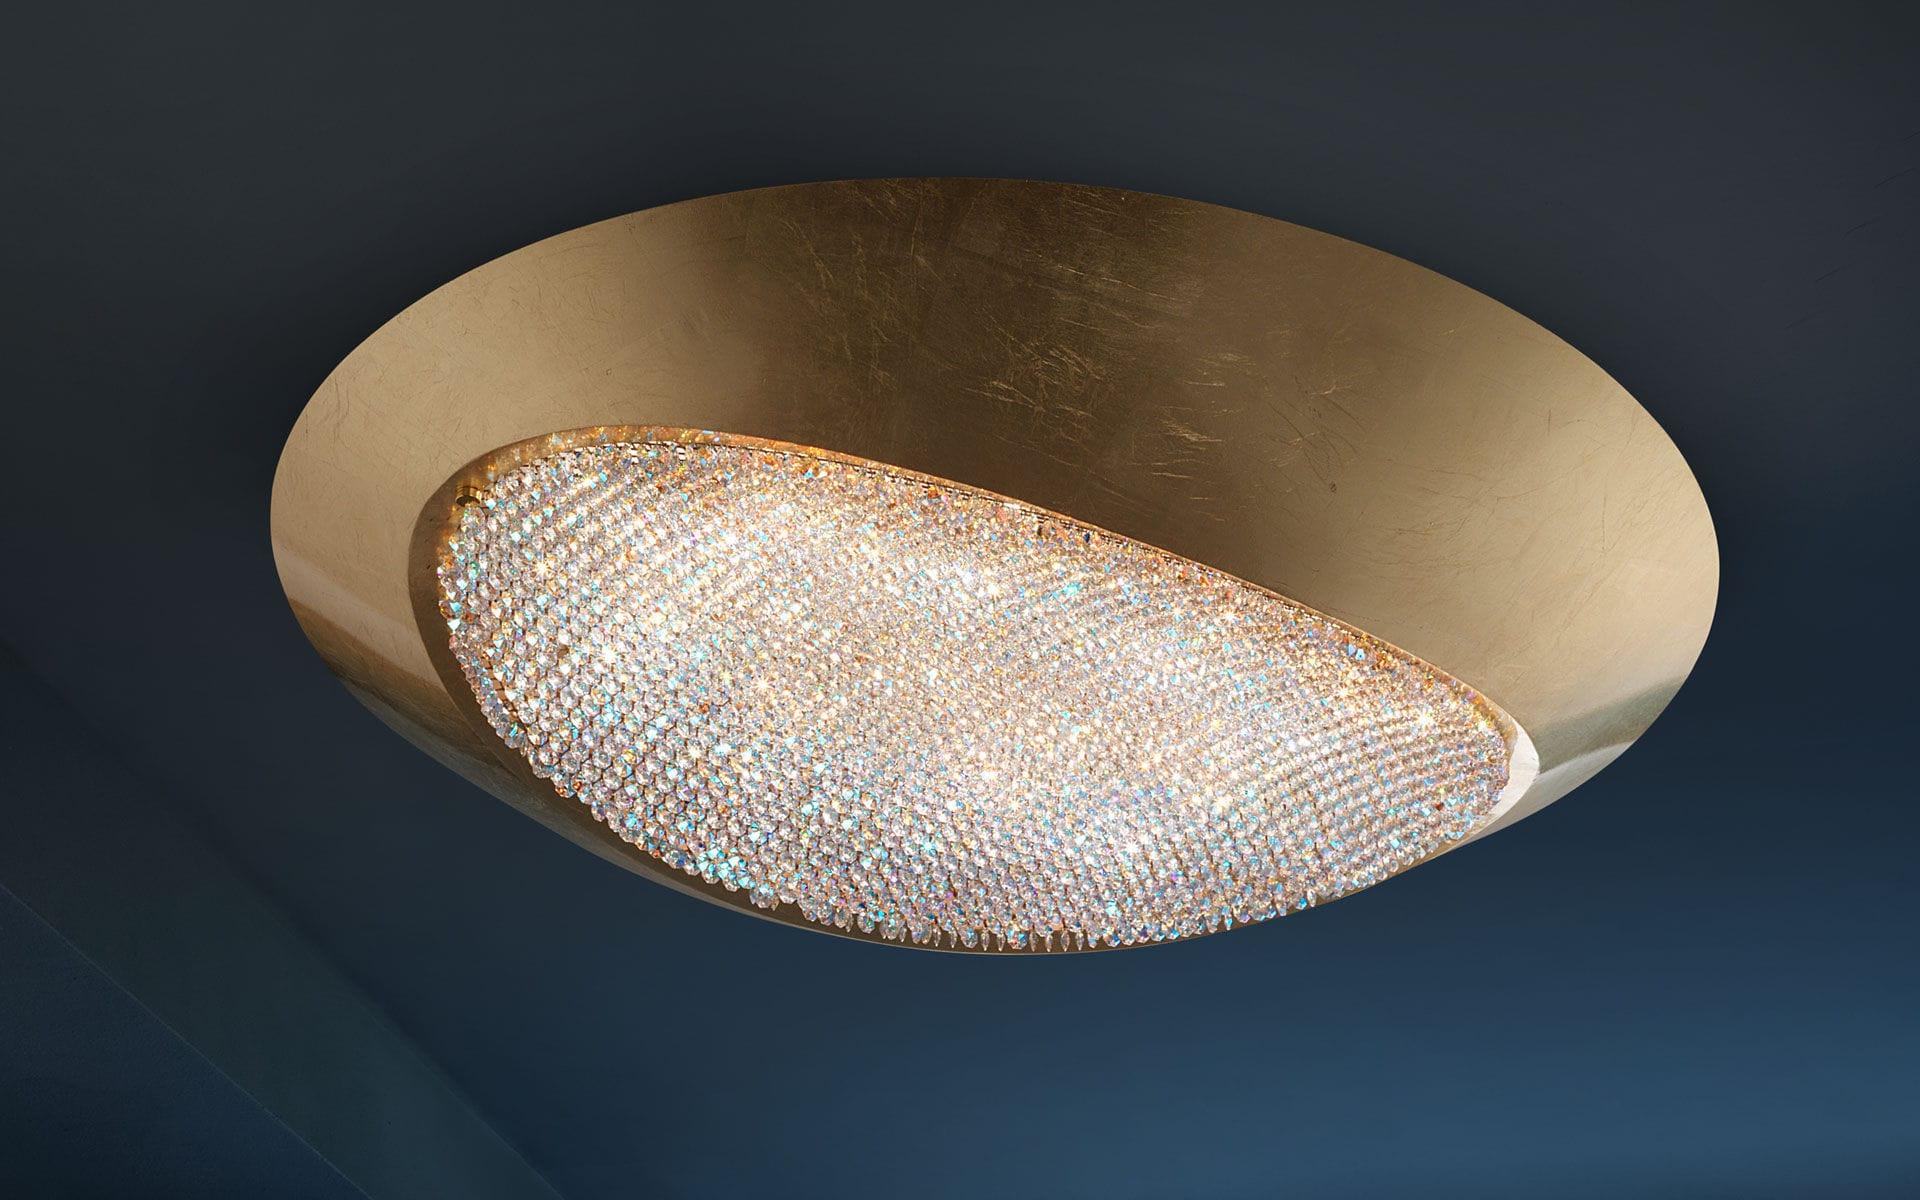 Plafoniere In Cristallo Prezzo : Plafoniera moderna in cristallo swarovski alluminio a